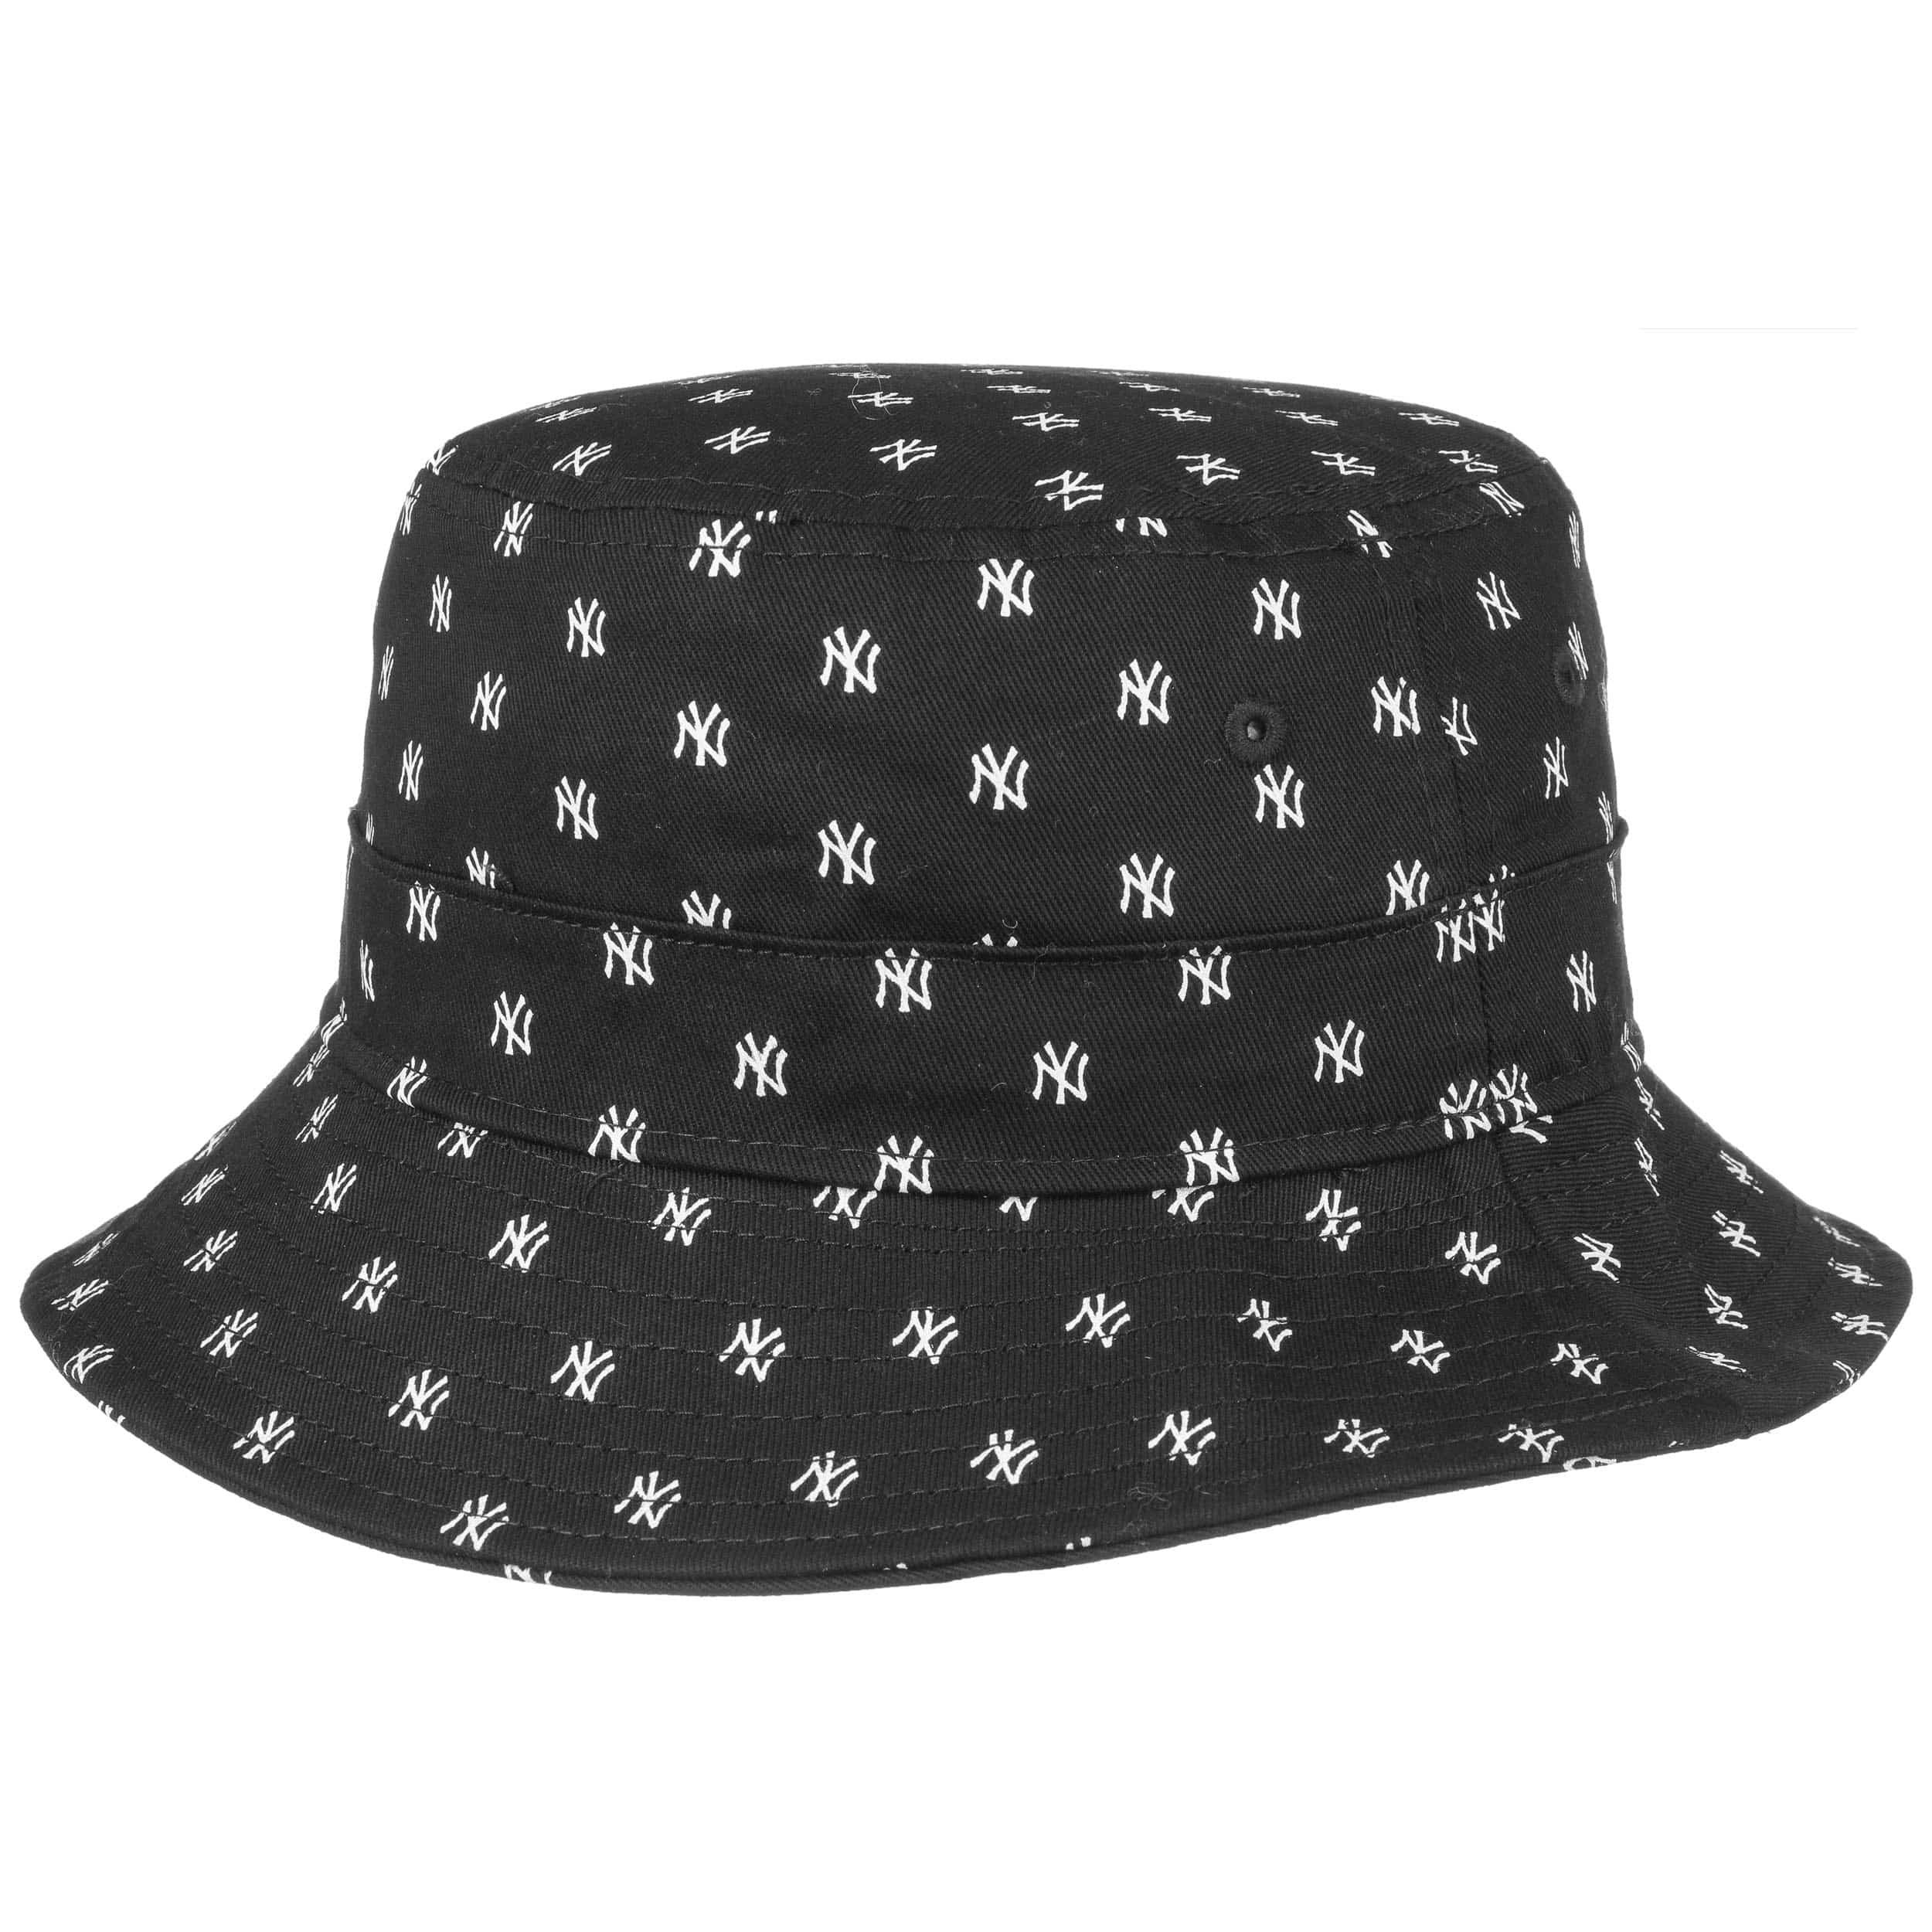 18b7466ae04ab ... Sombrero Junior Monogram Yankees by New Era - negro 3 ...